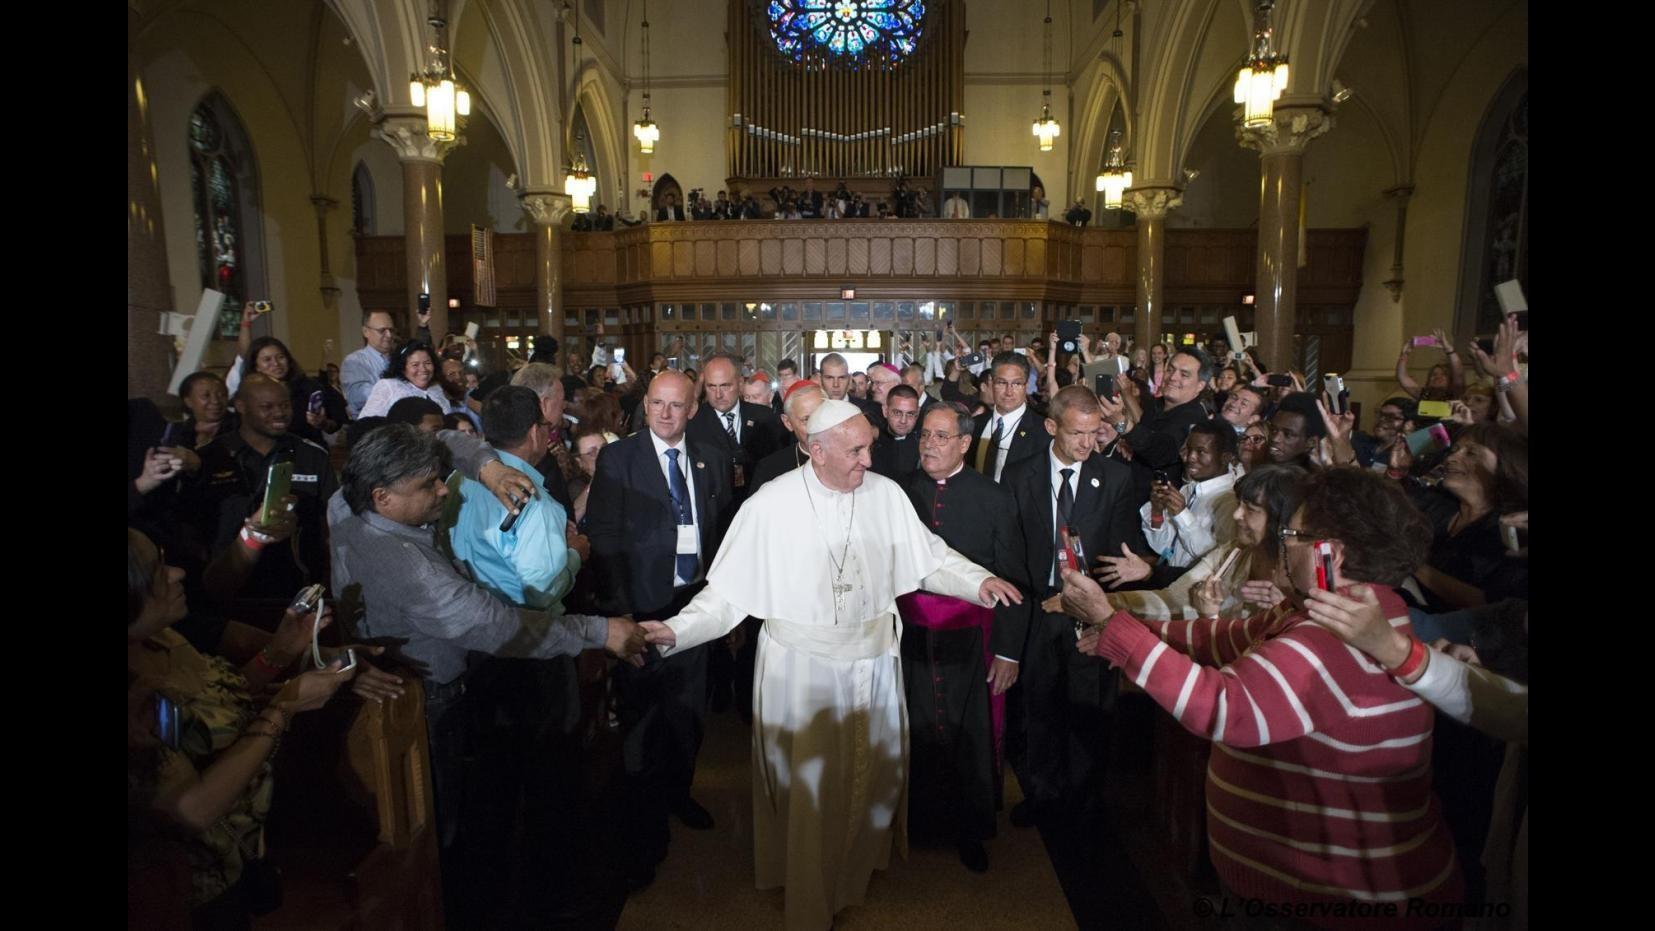 Papa Francesco apre il Sinodo: Non è Parlamento dove c'è compromesso